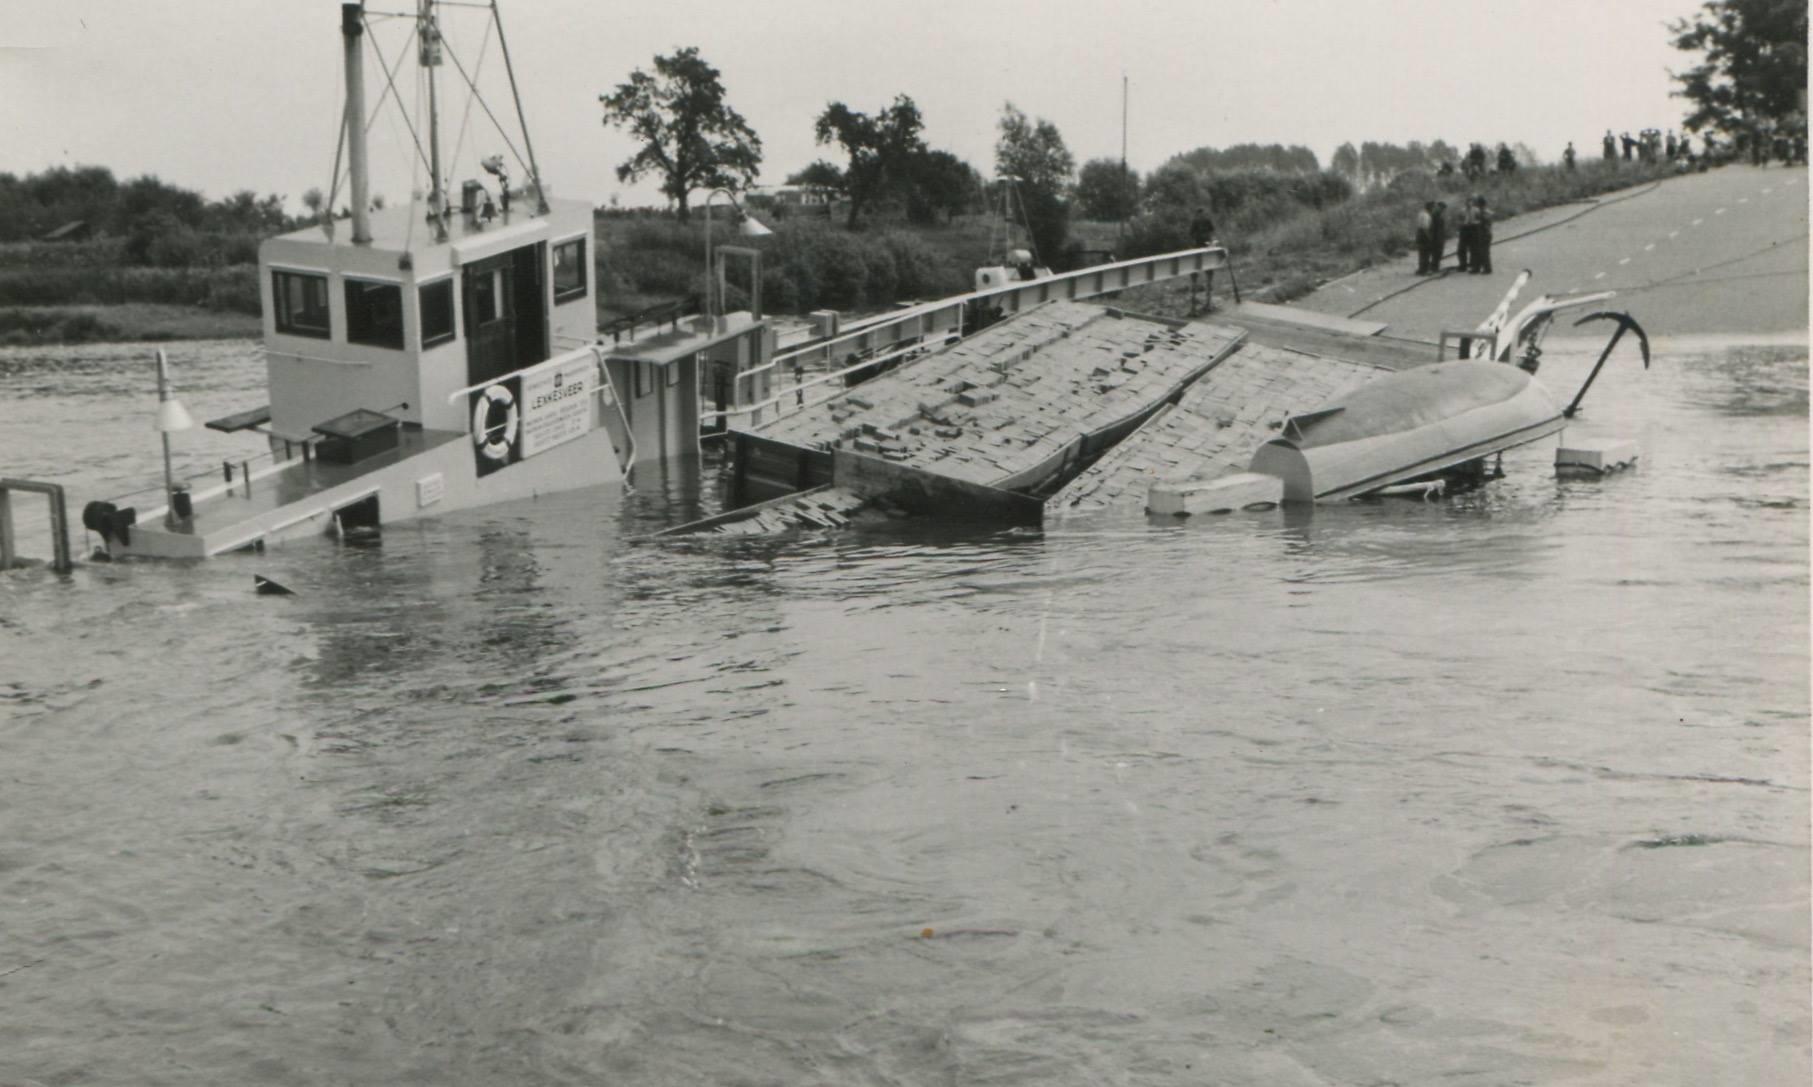 Schade--1957-foto--gemaakt-door-Jac--Rauws-ingezonden-door-Willem-Ruisch-Veerpont-Lexkesveer-Eageningen-Randwijk--1hade-